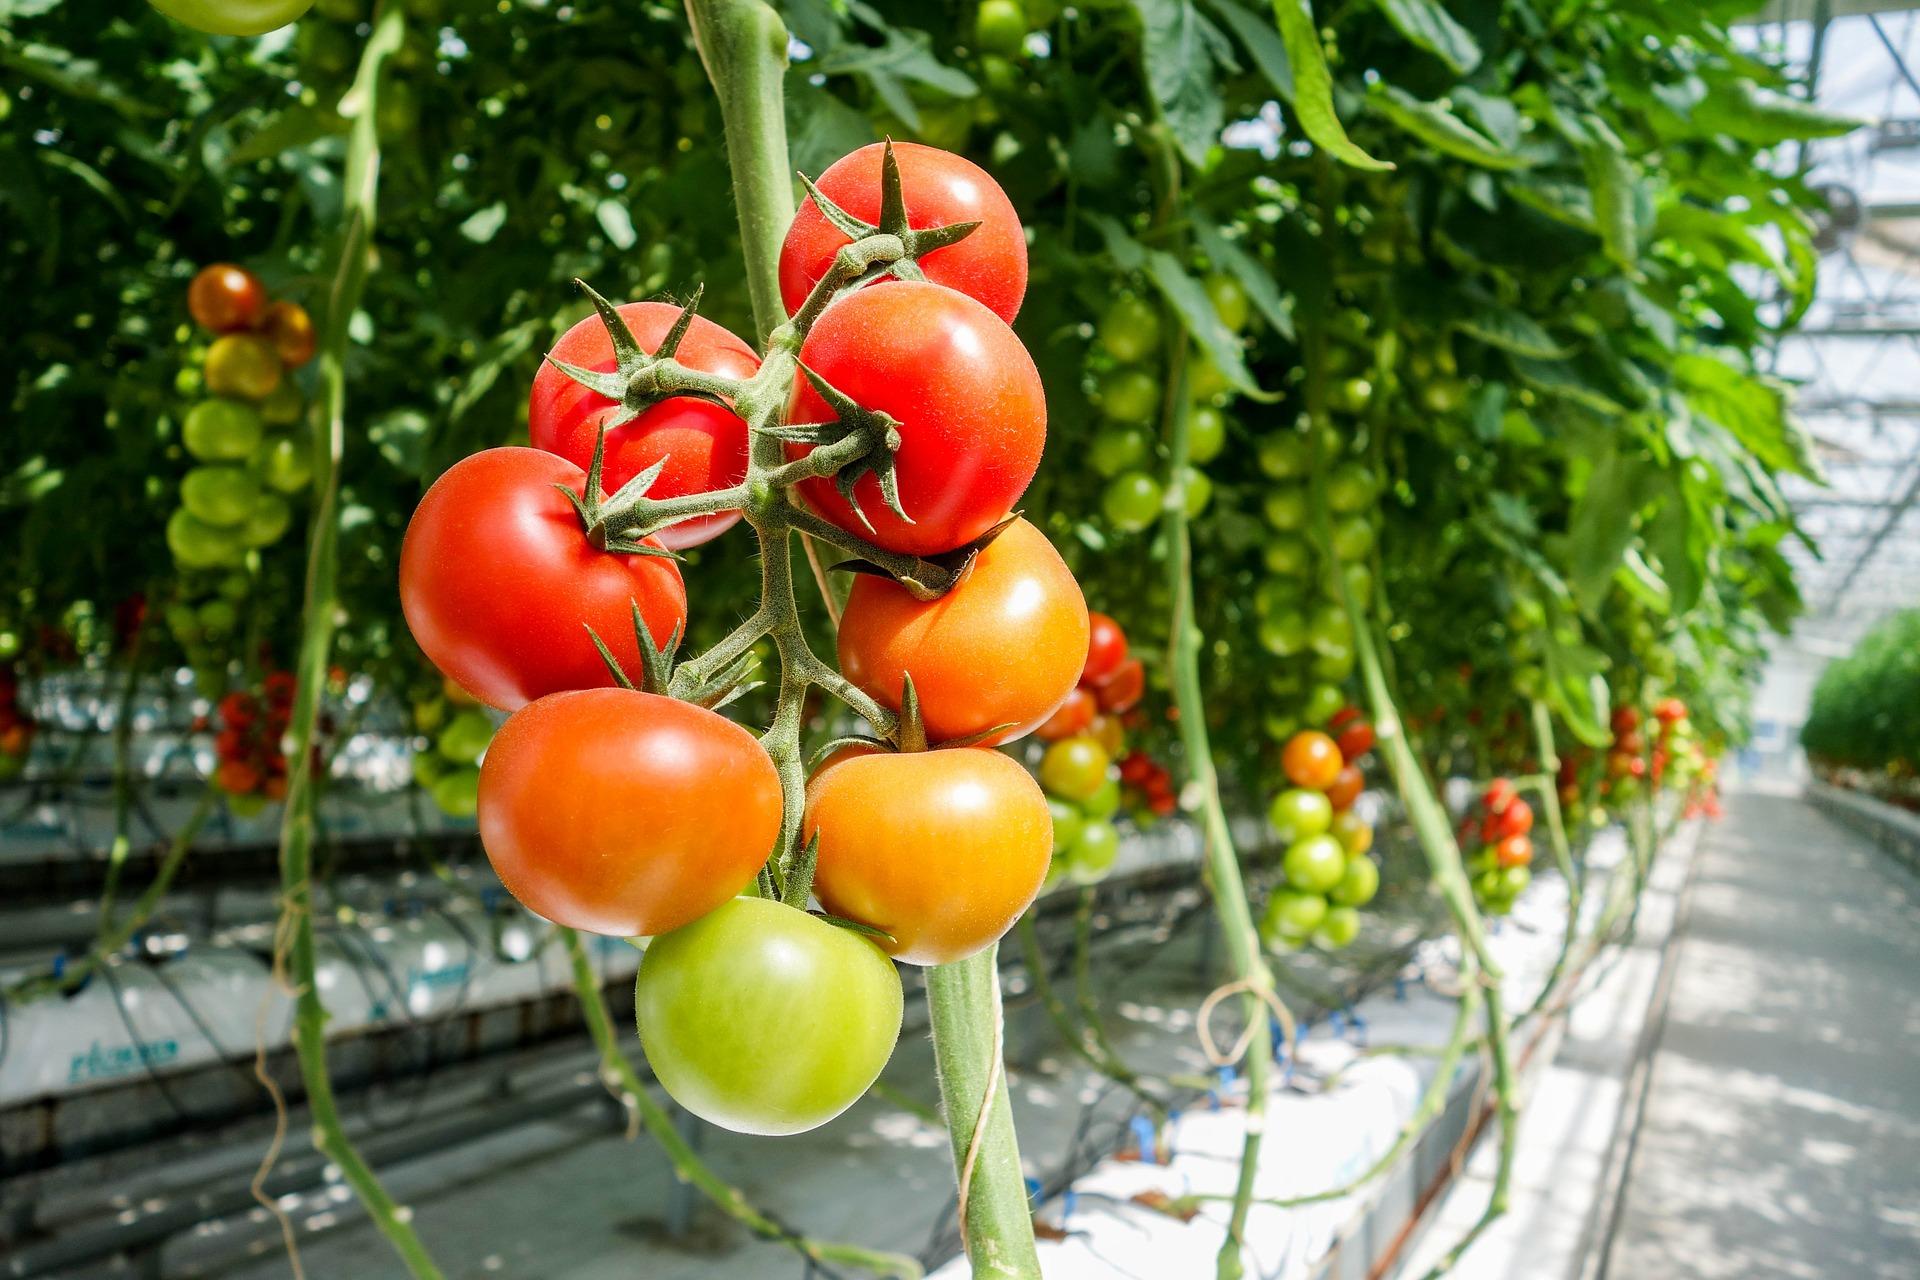 tomato-1310961_1920